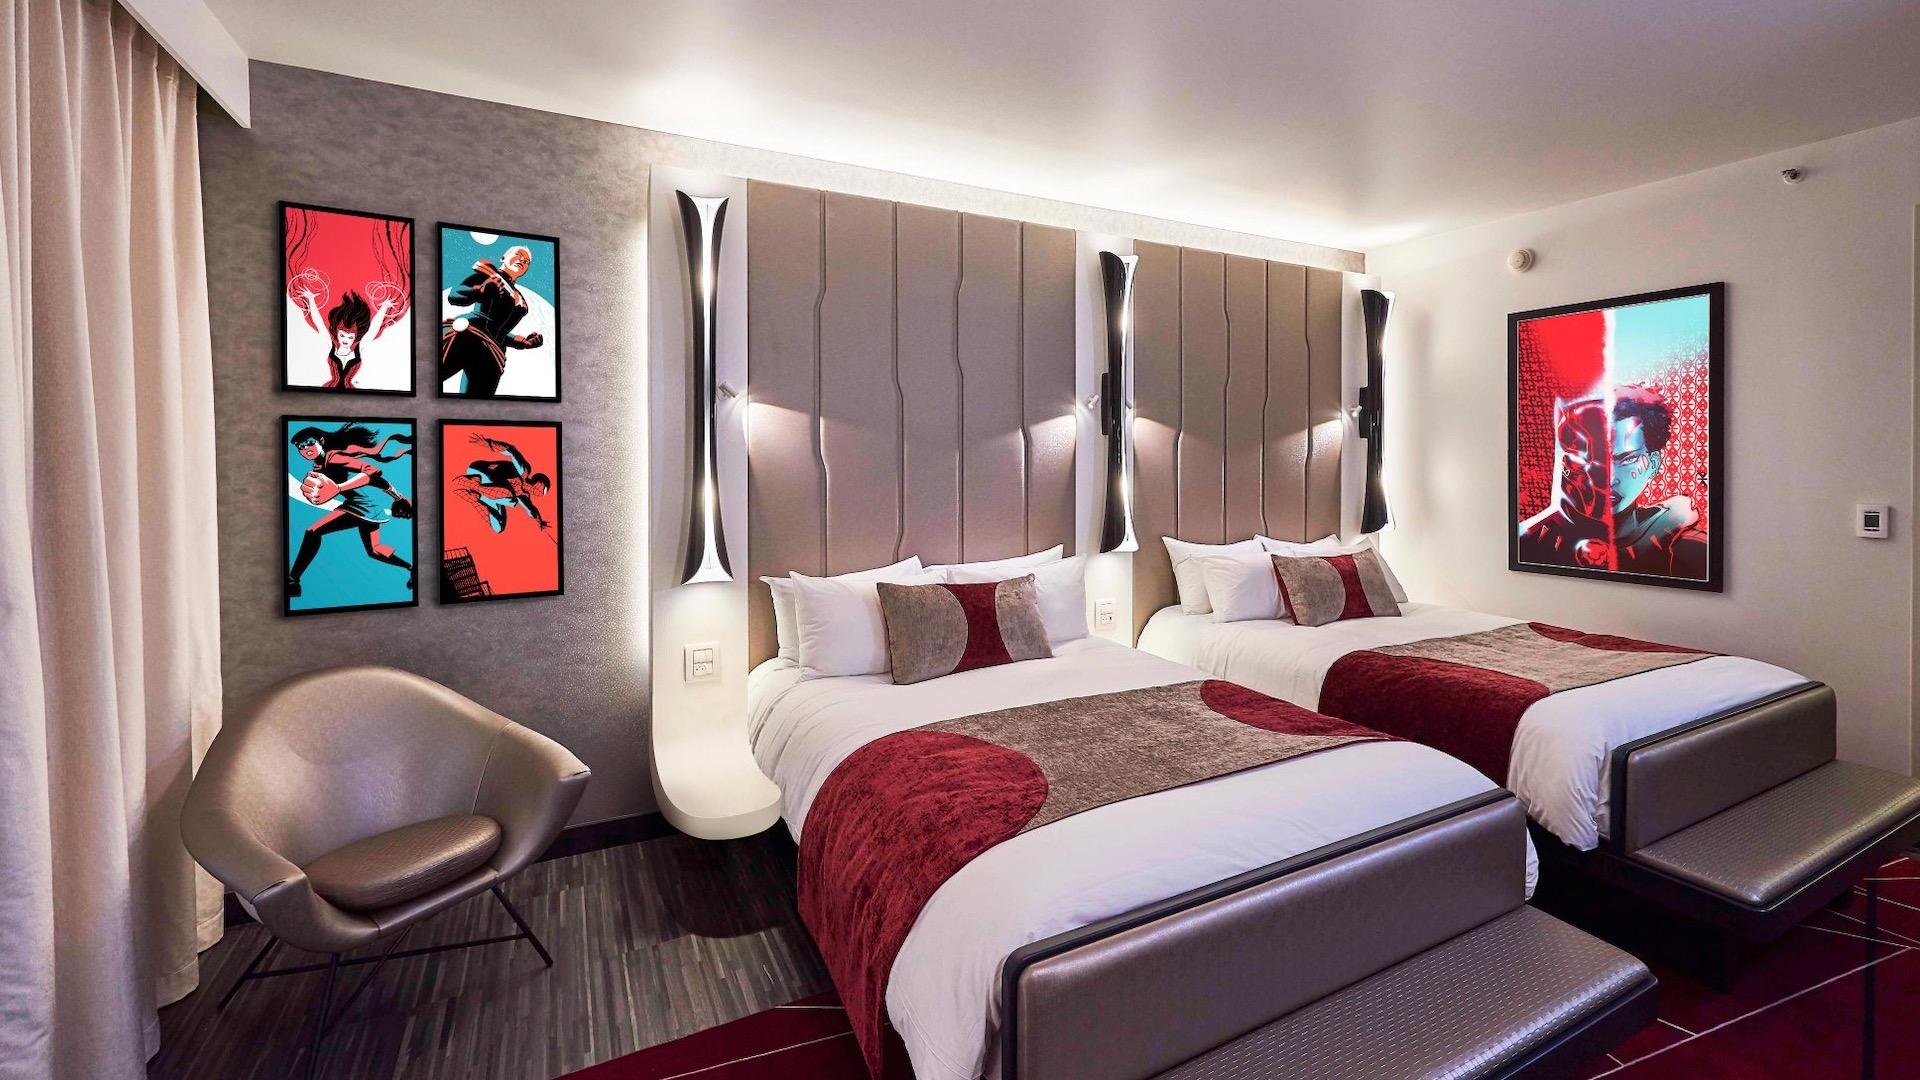 Abre el nuevo hotel de Disney inspirado en Marvel